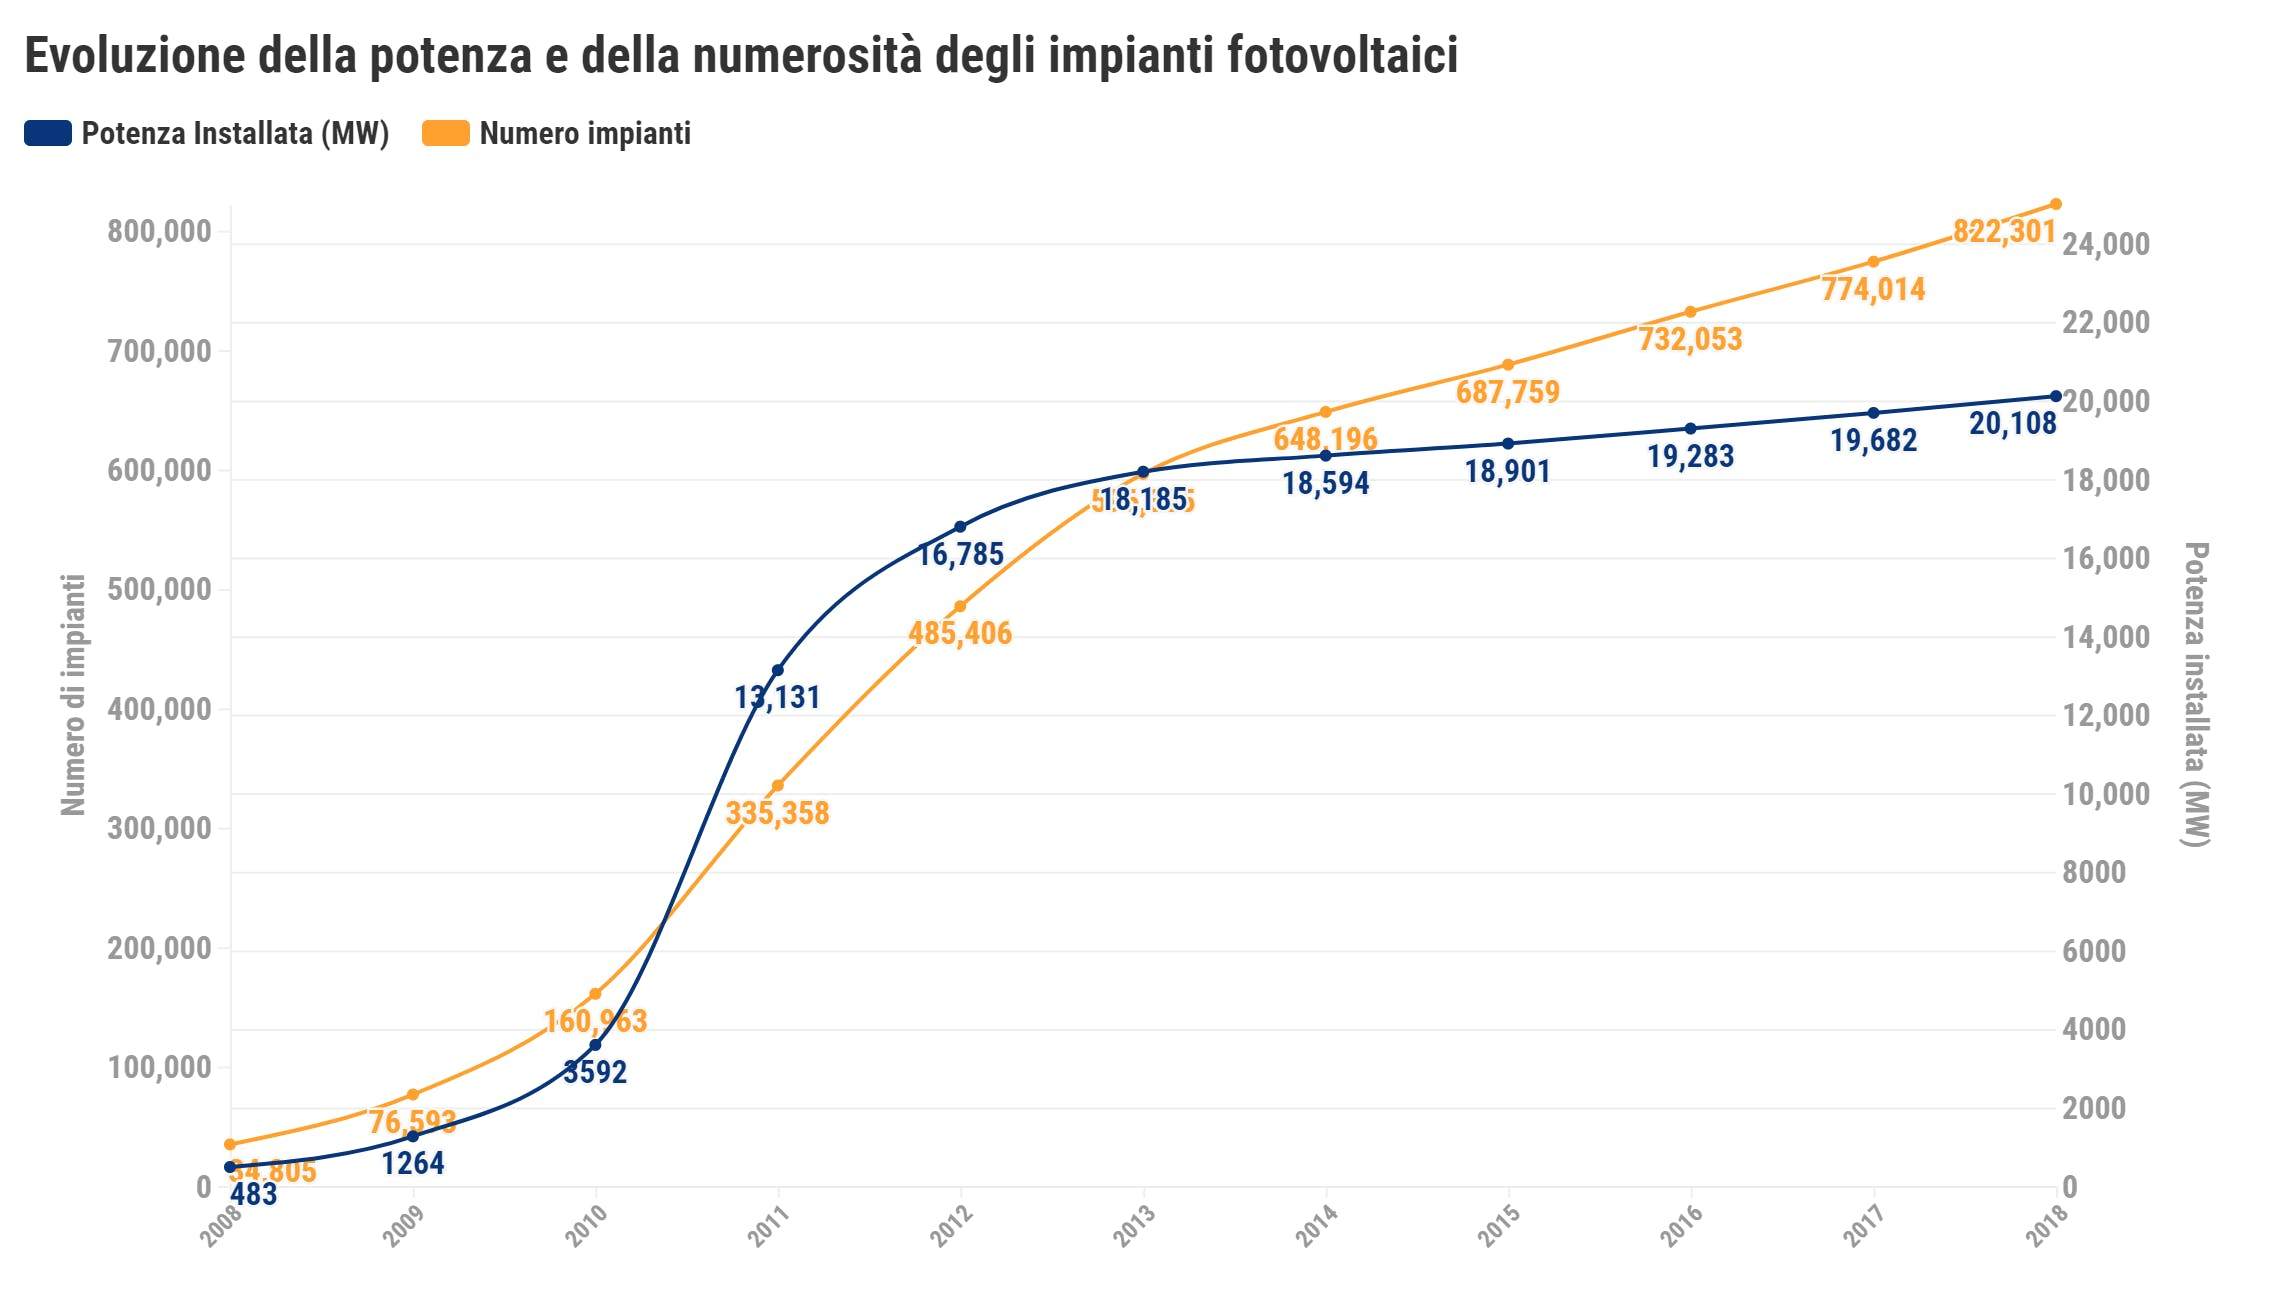 Evoluzione potenza e numero degli impianti fotovoltaici